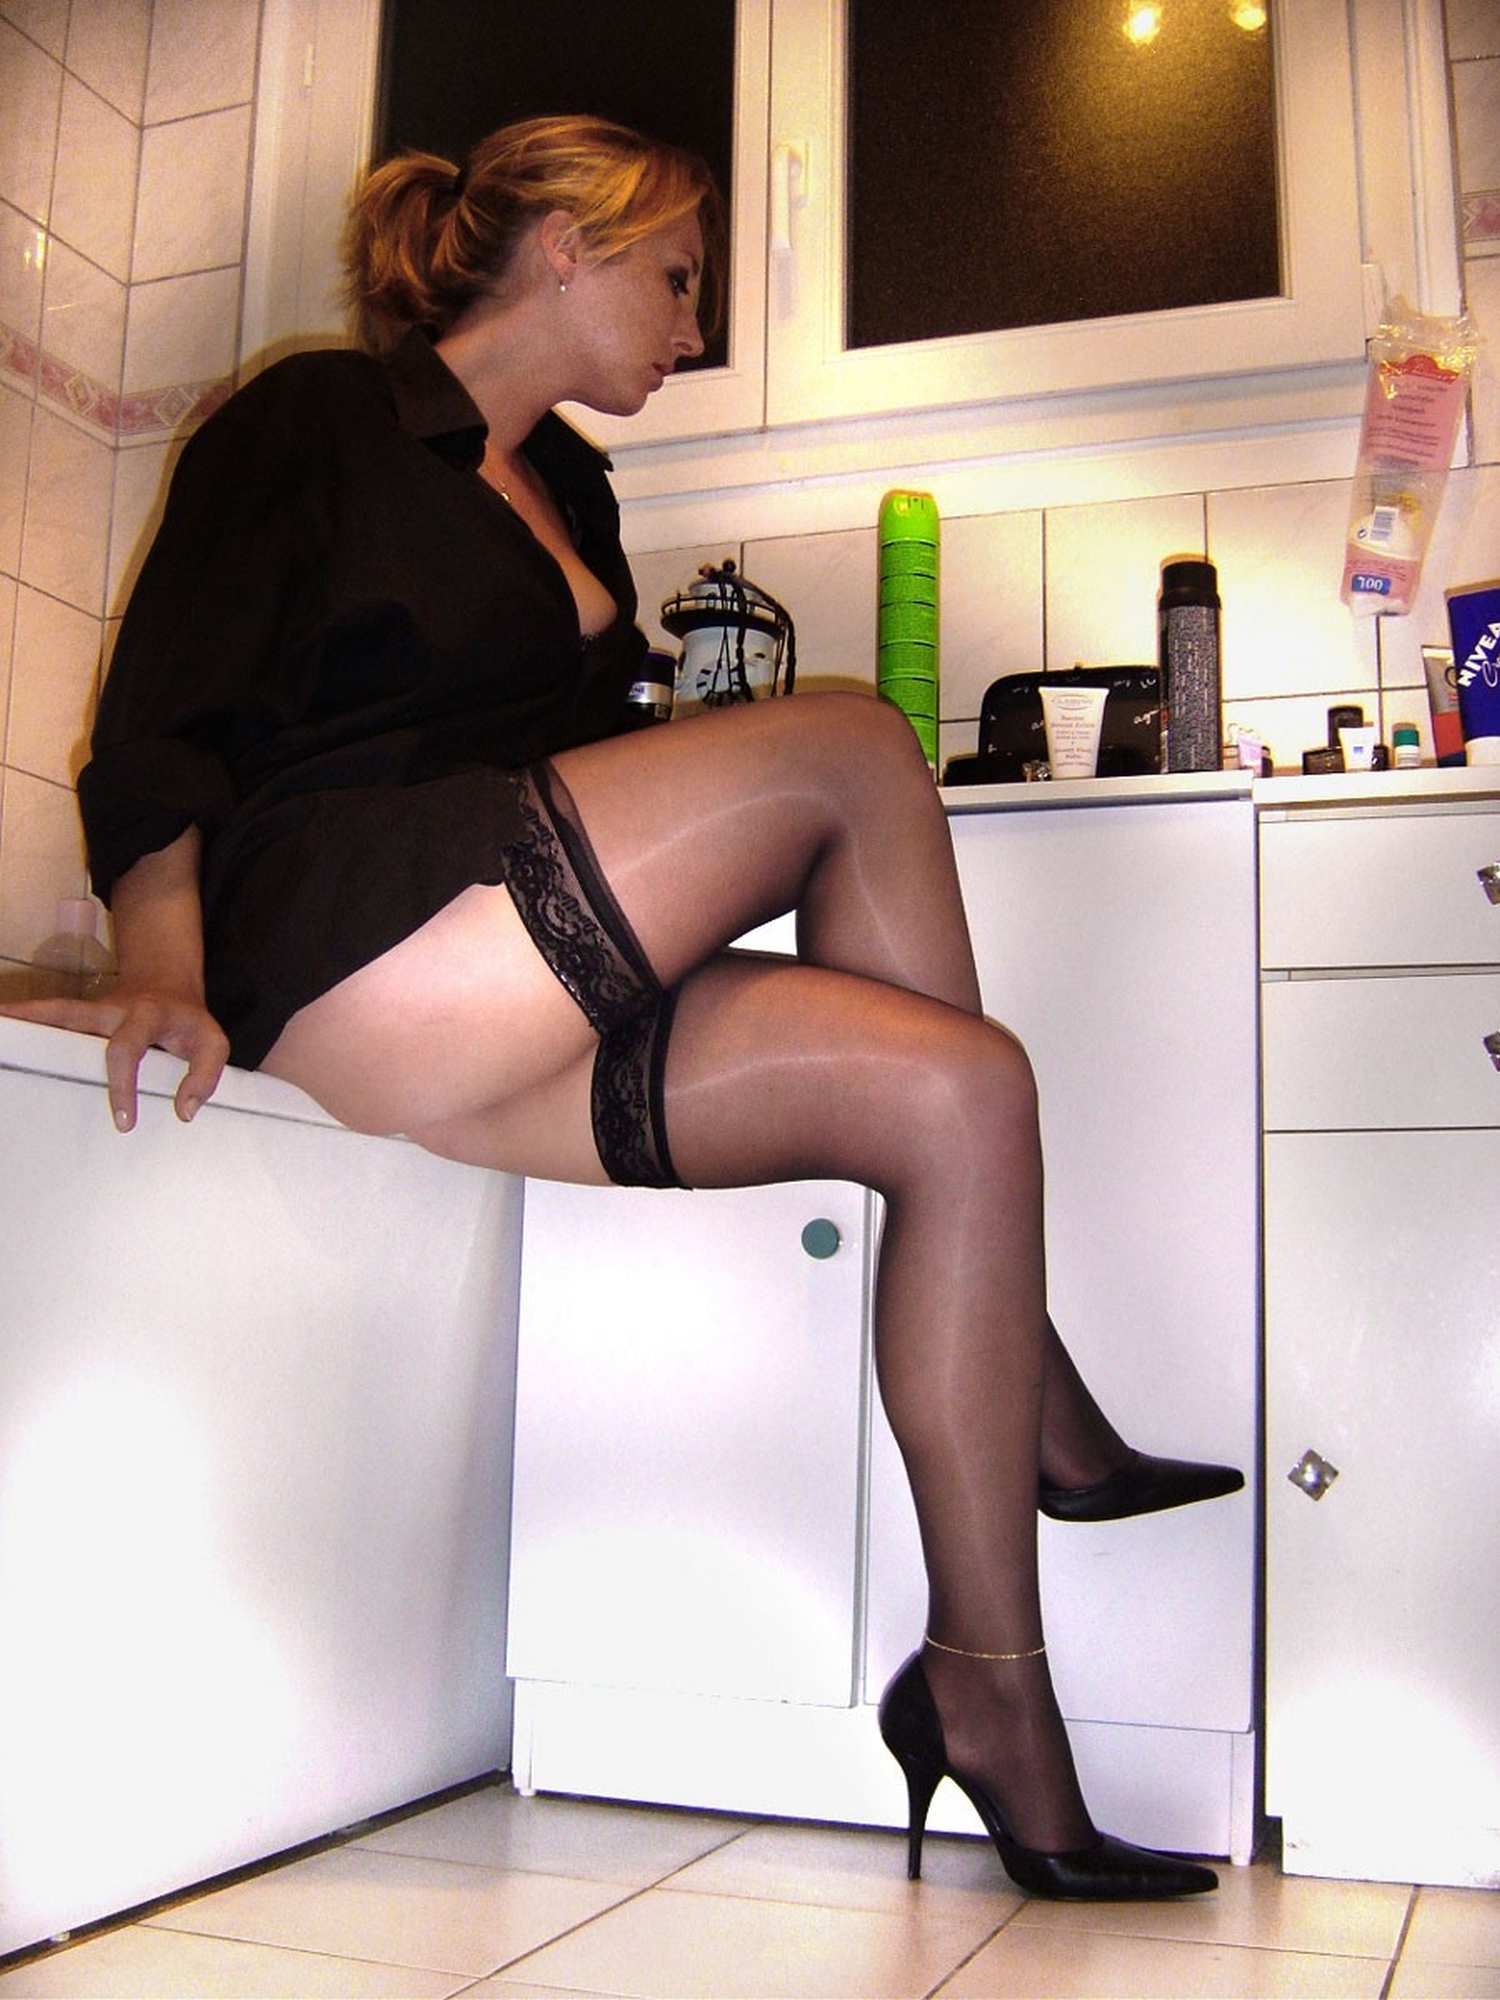 Страстная милфа в ванной раздвинула ноги в чулках